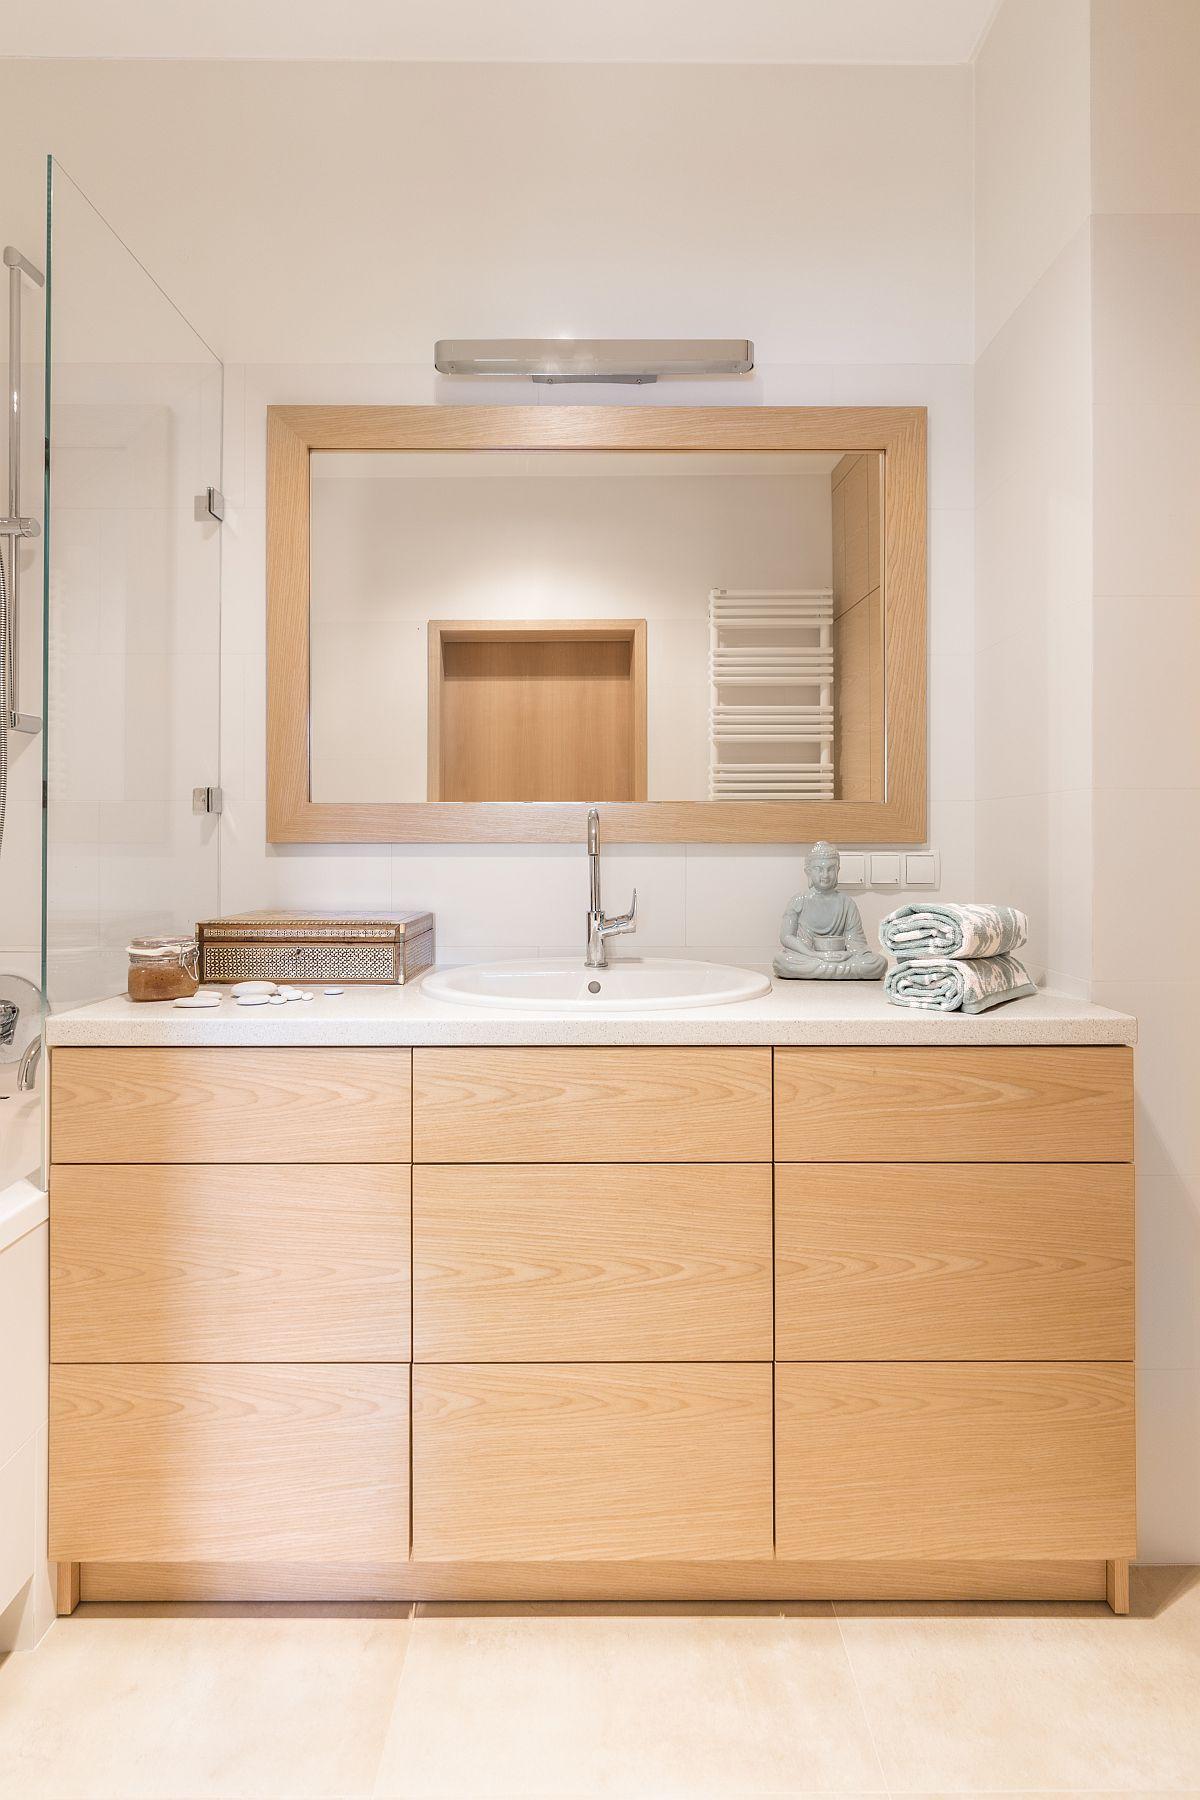 Spațiul de depozitare din baie este generos, dar totul gândit la nivel inferior sub lavoar. Sertarele sunt mult mai ccesibile într-un spațiu mic și mai eficient de organizat decât ușile de dulap.